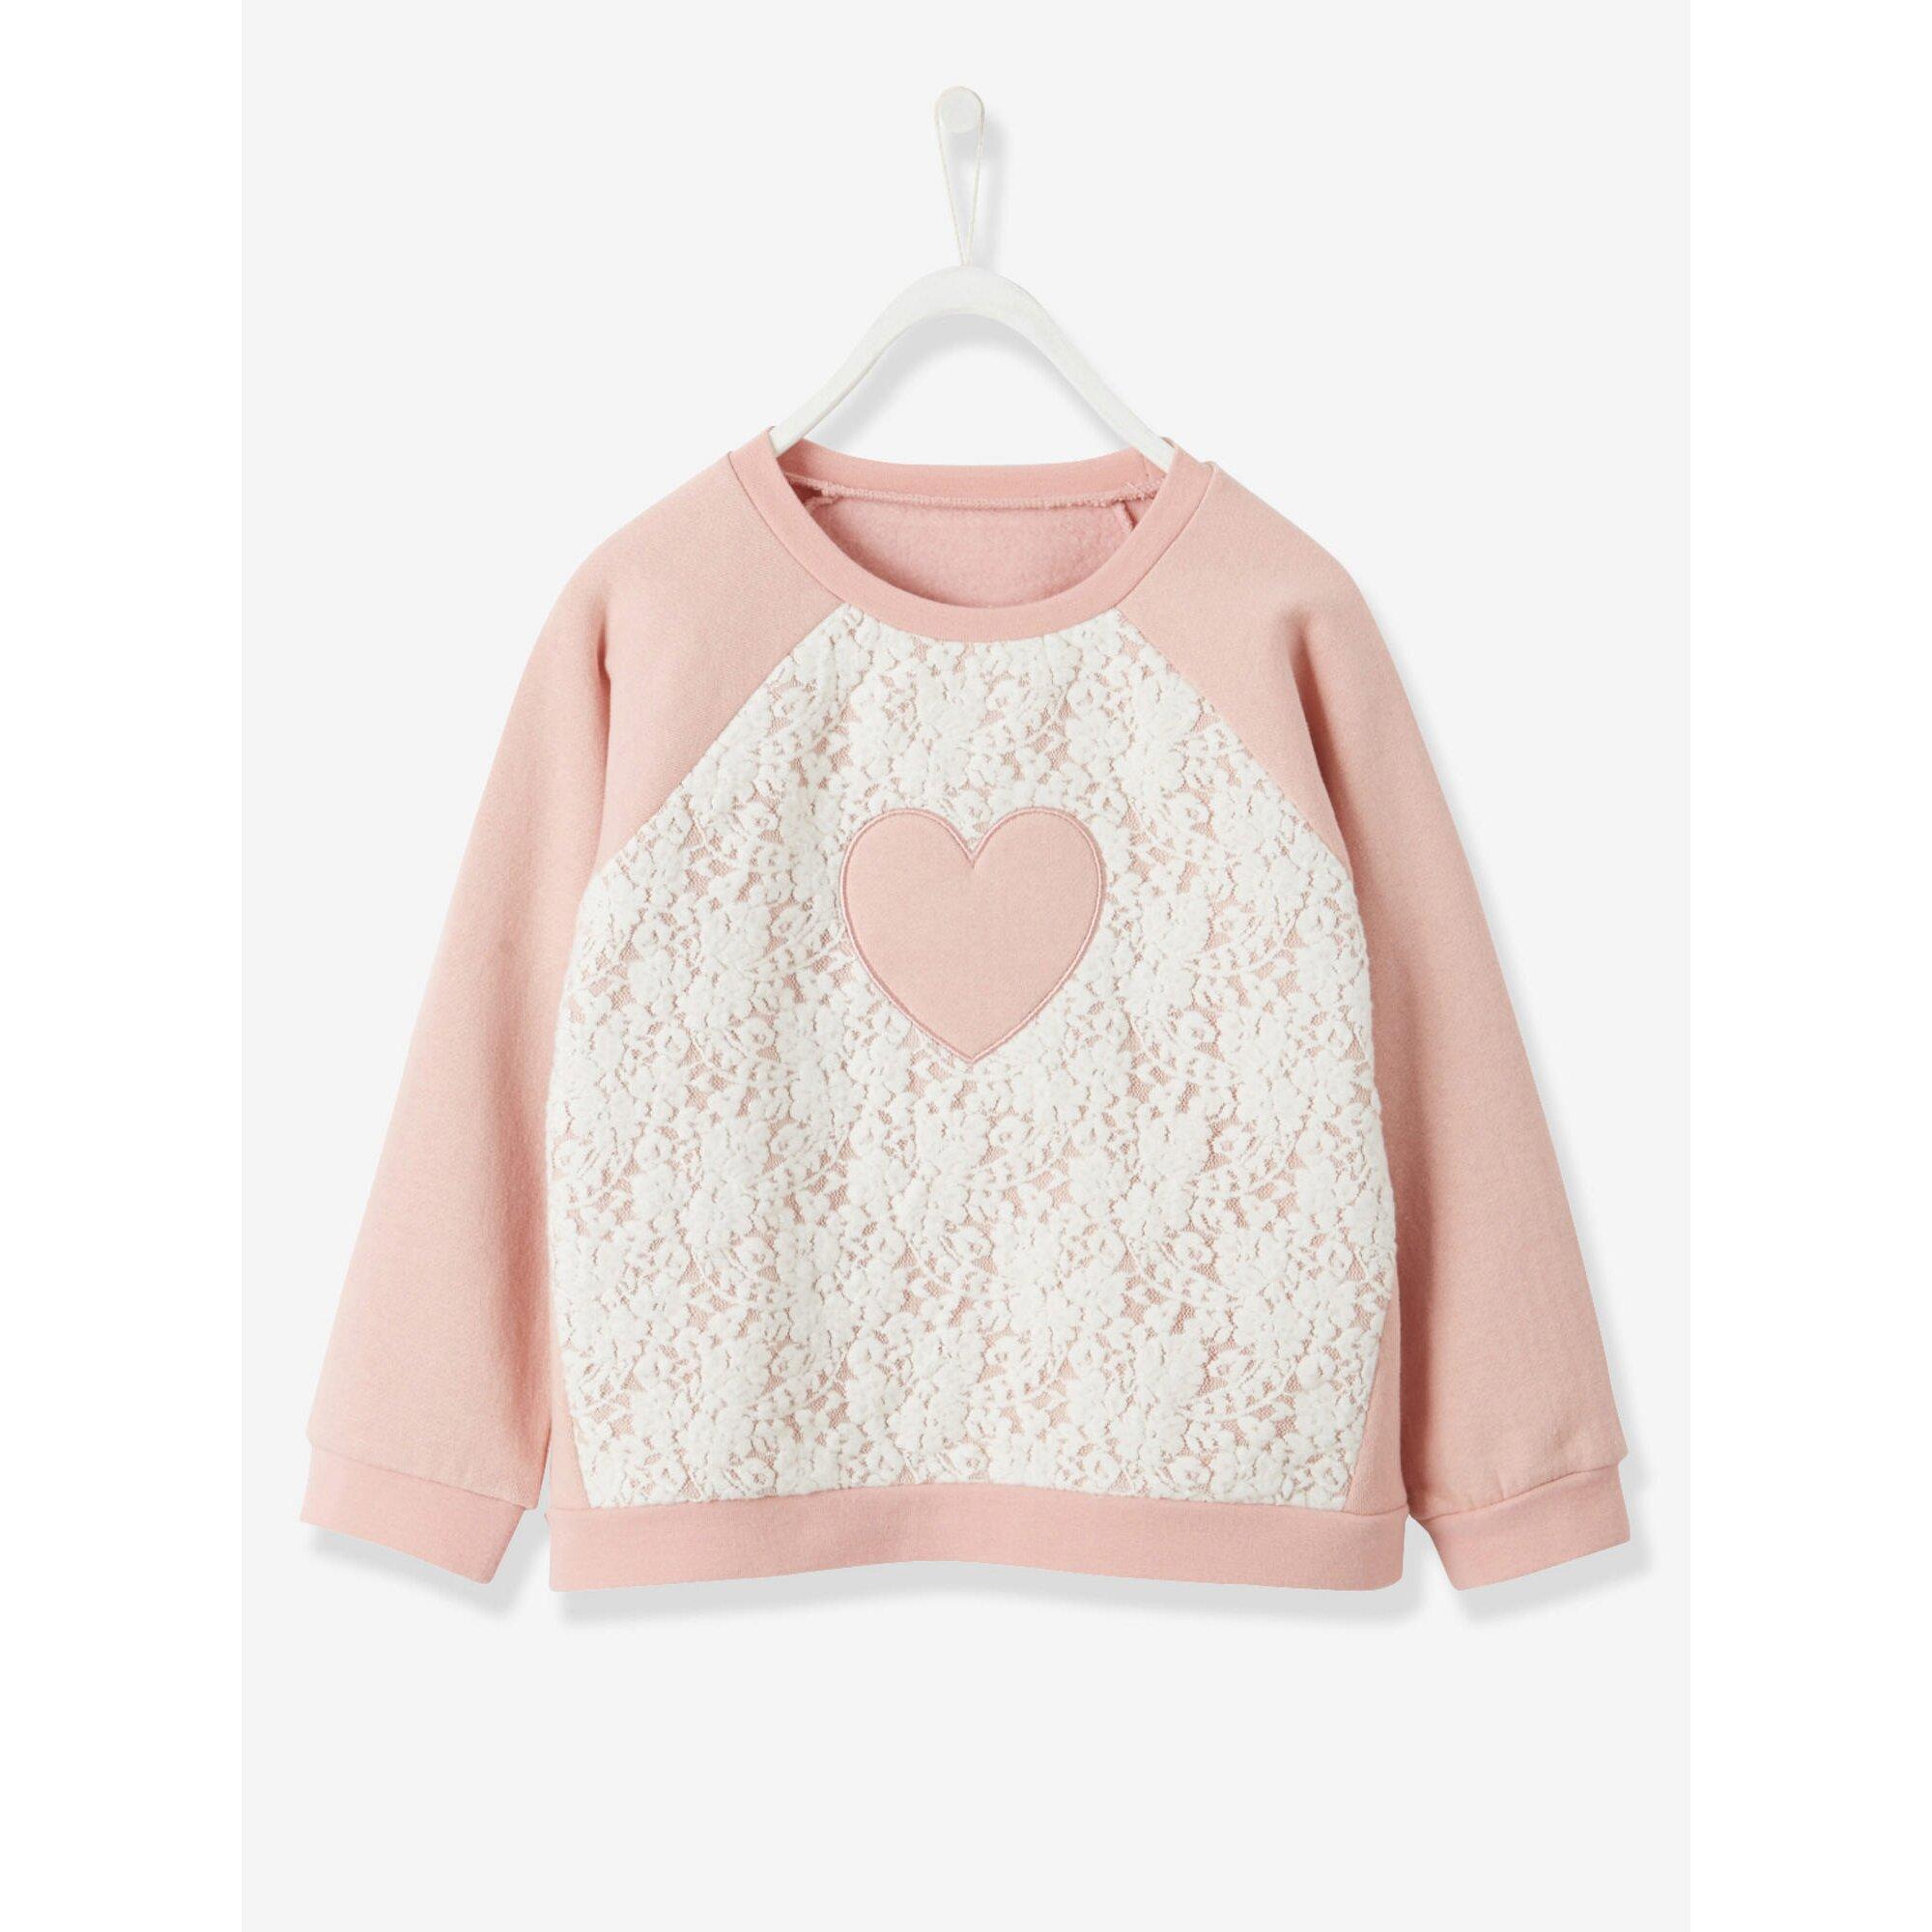 vertbaudet-madchensweatshirt-mit-spitze-rosa-g192, 20.99 EUR @ babywalz-de